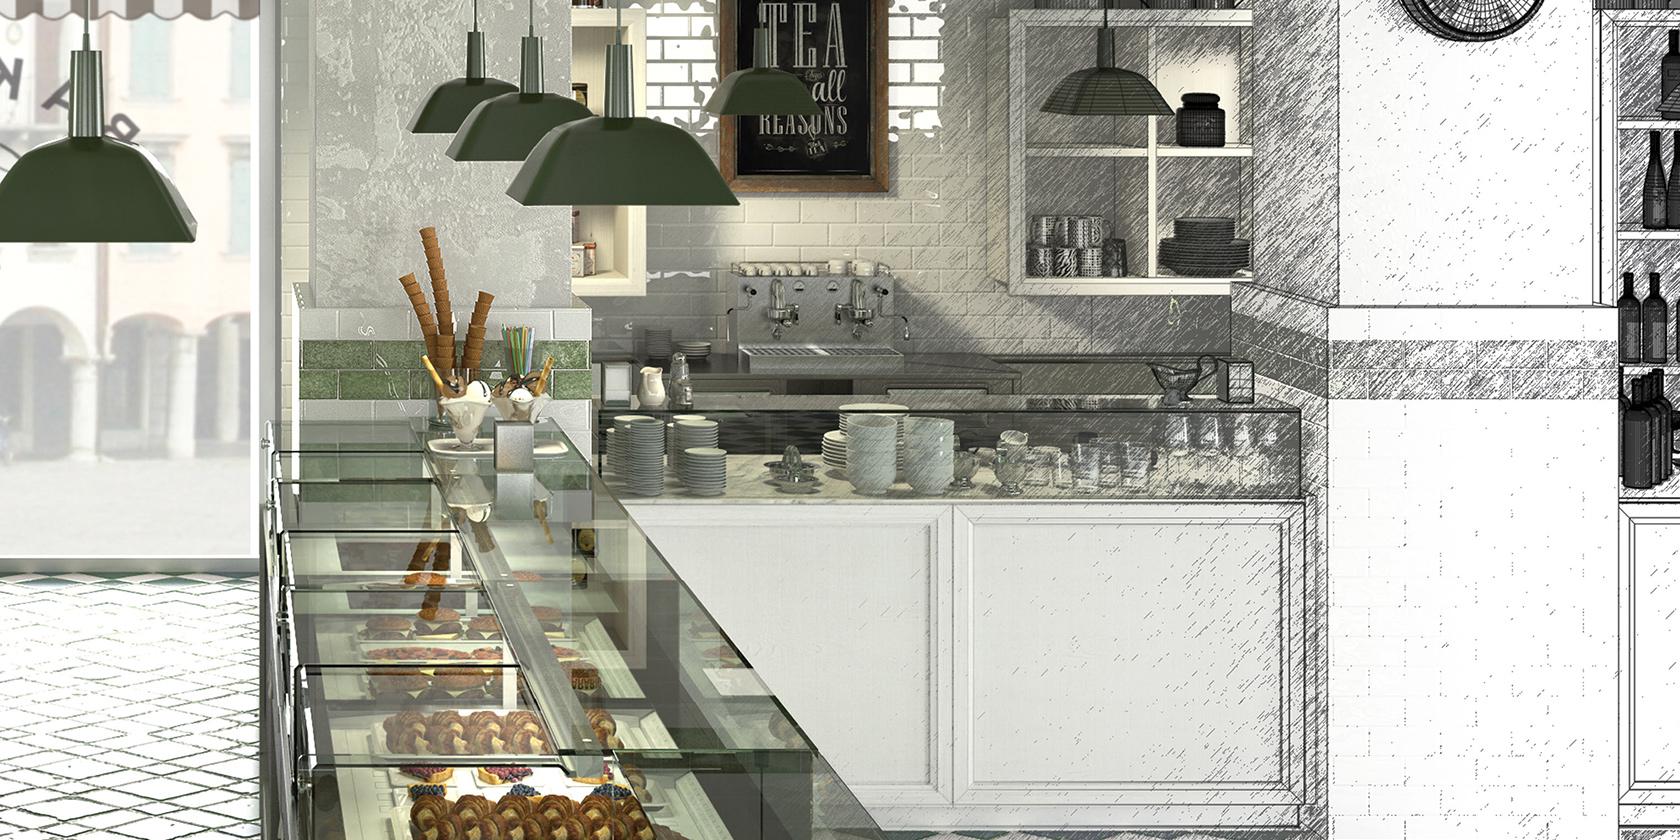 Conosciuto Banco bar in stile shabby chic modello #040 | dsedute UA29